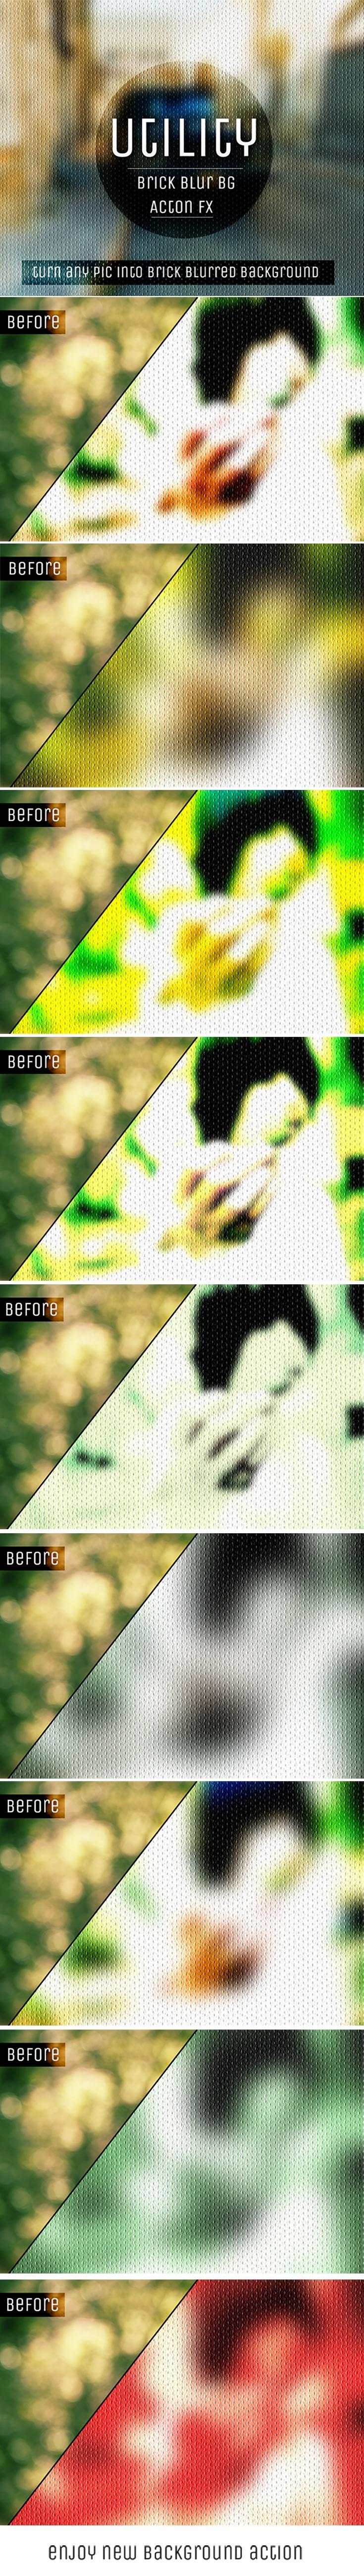 Free Brick Blur Background Photoshop Action